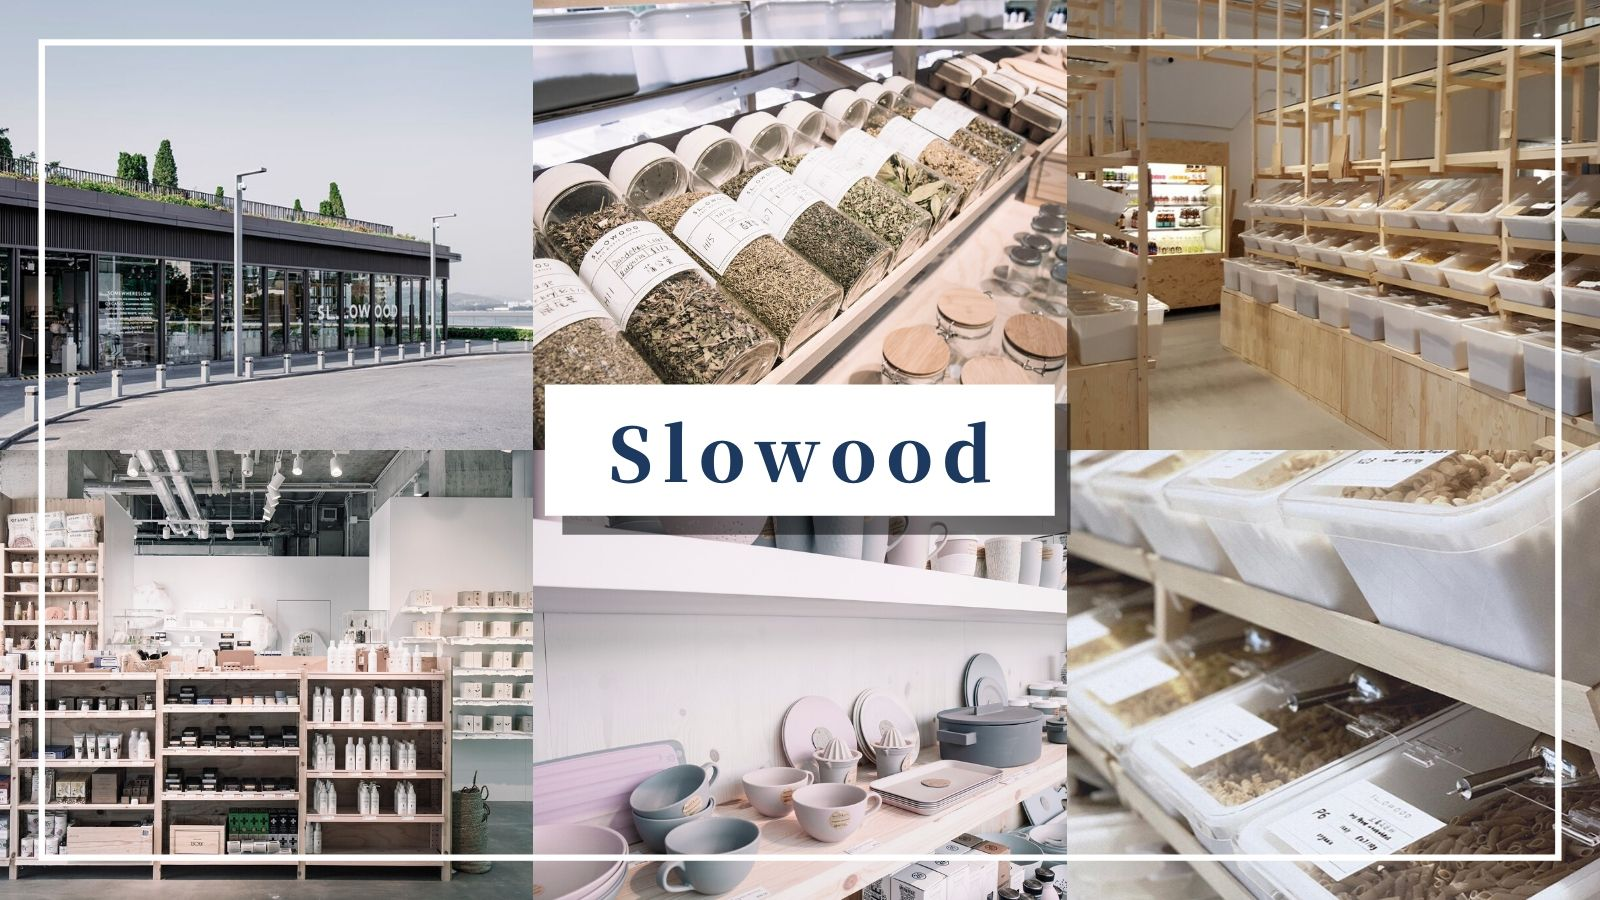 Slowood